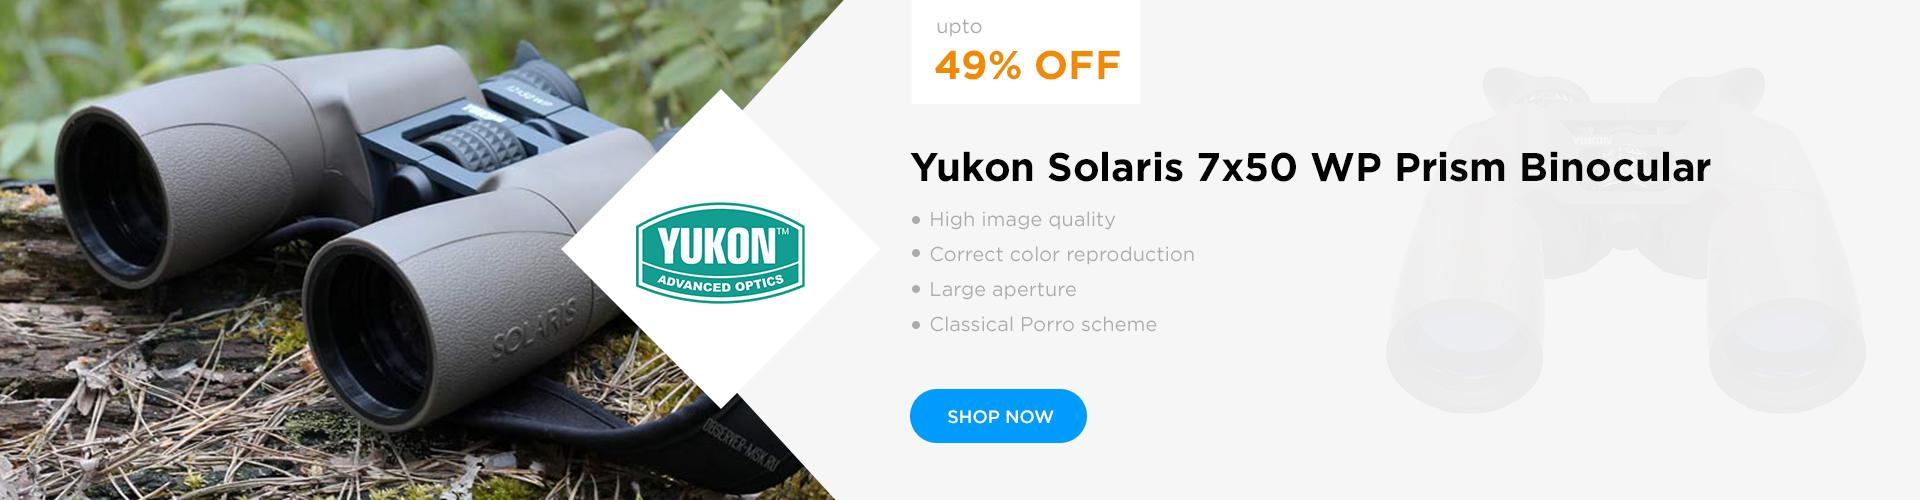 Yukon Solaris 7x50 WP Prism Binocular